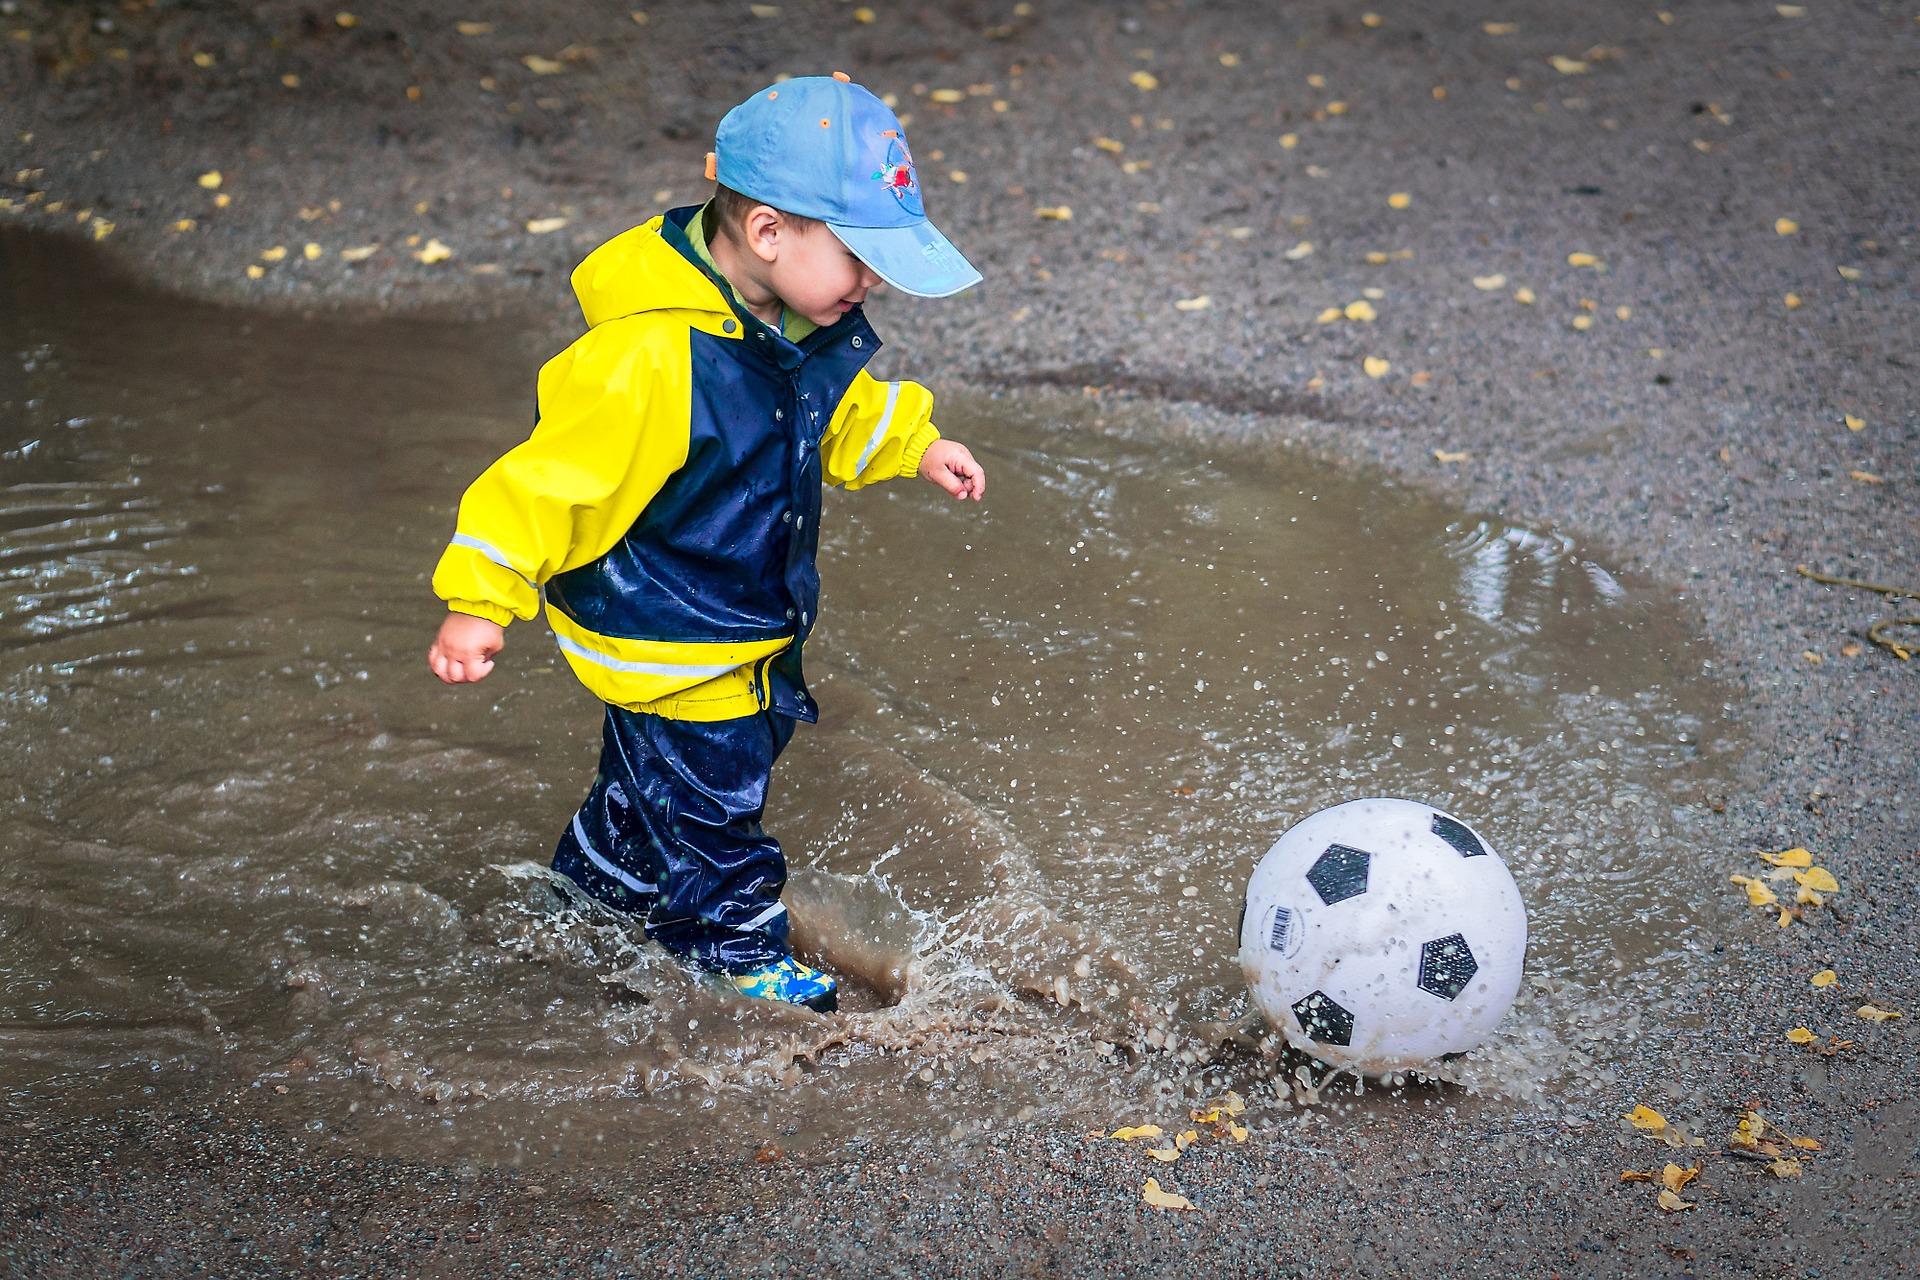 Kinder_Regenbekleidung